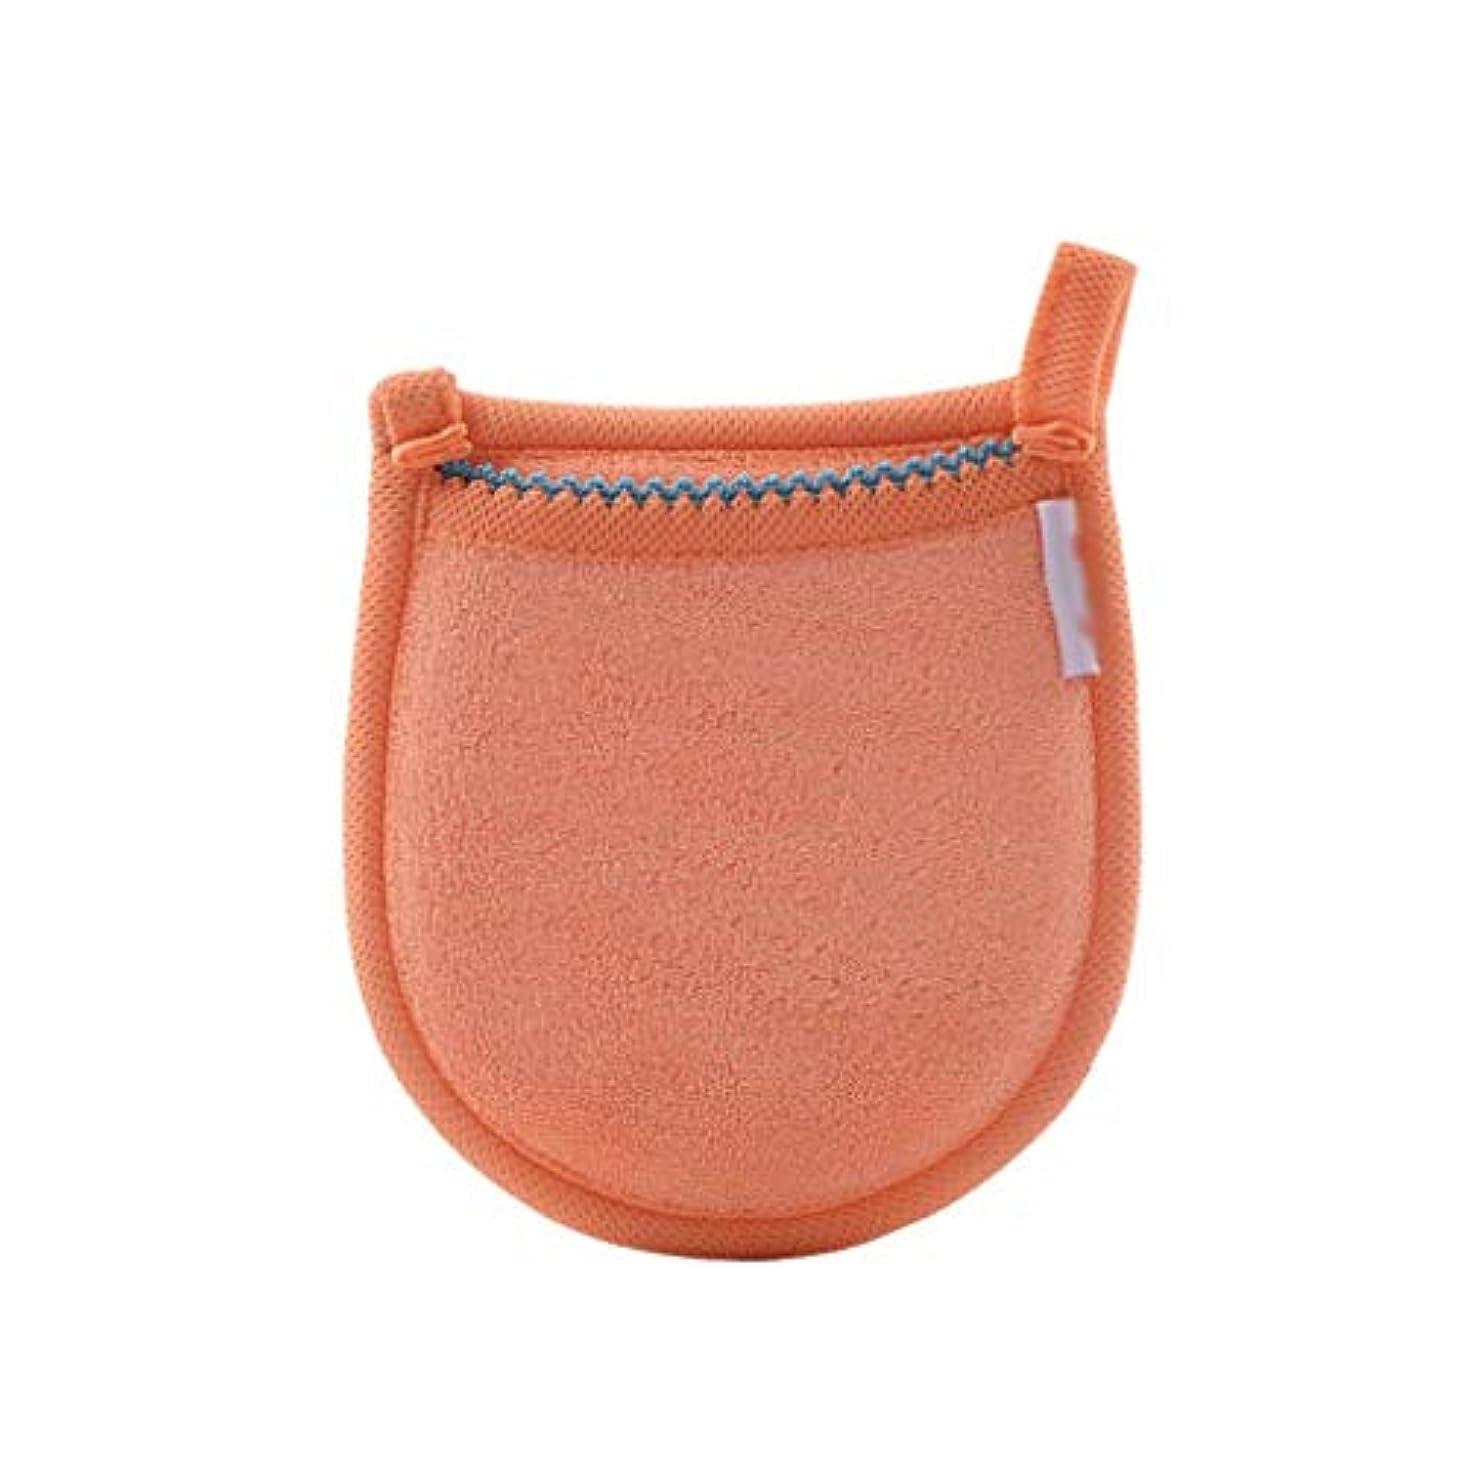 幸福安全な達成する1ピースフェイシャル竹炭スポンジフェイスメイク落とし美容再利用可能なフェイスタオルクリーニンググローブ洗濯メイクアップツール (Color : Orange)